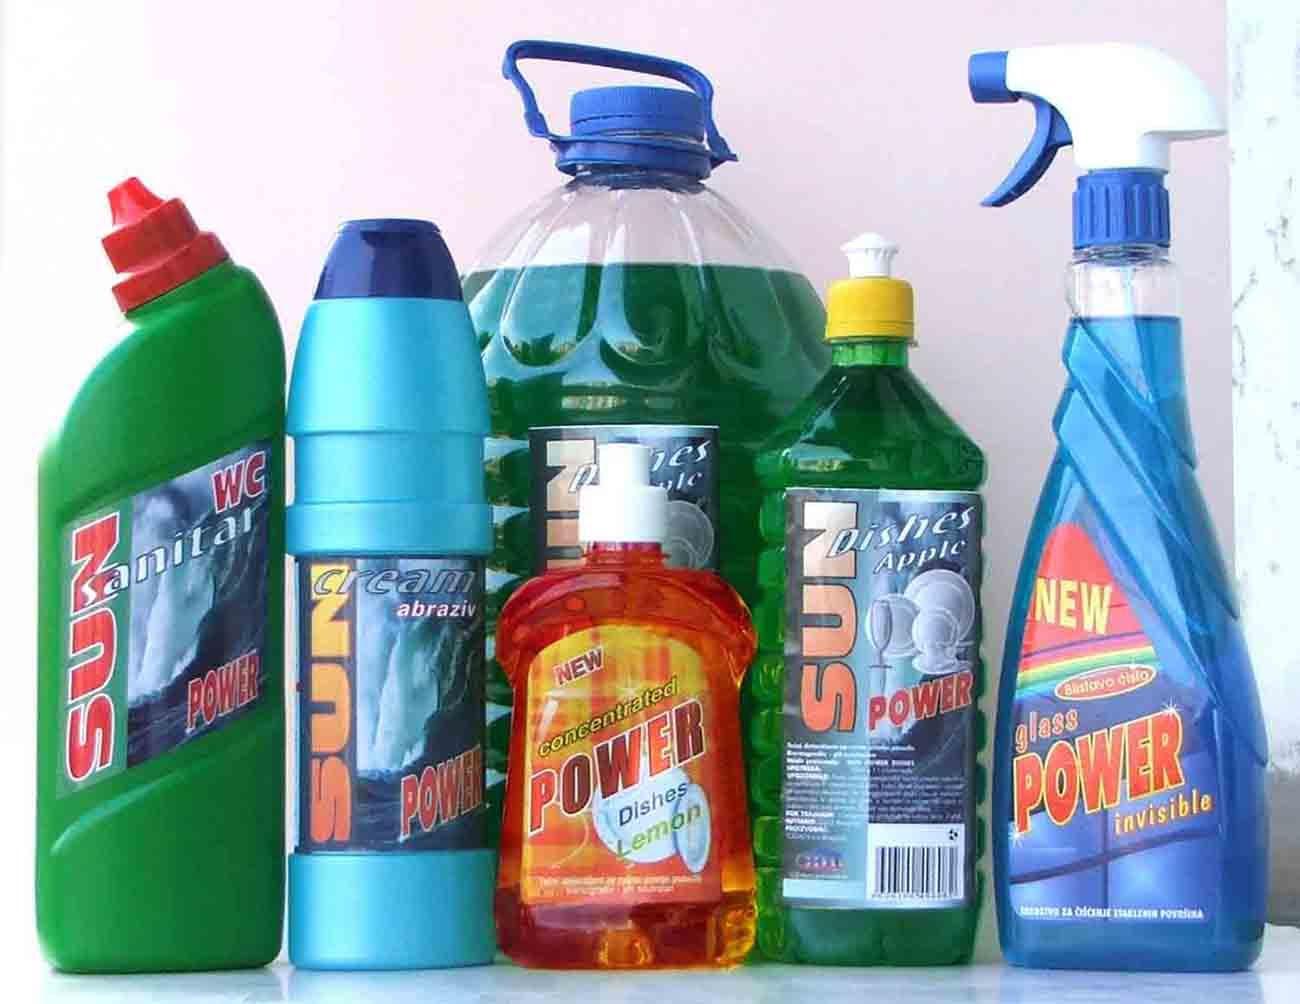 Dây chuyền sản xuất nhiên liệu, chất tẩy rửa   mnb.com.vn